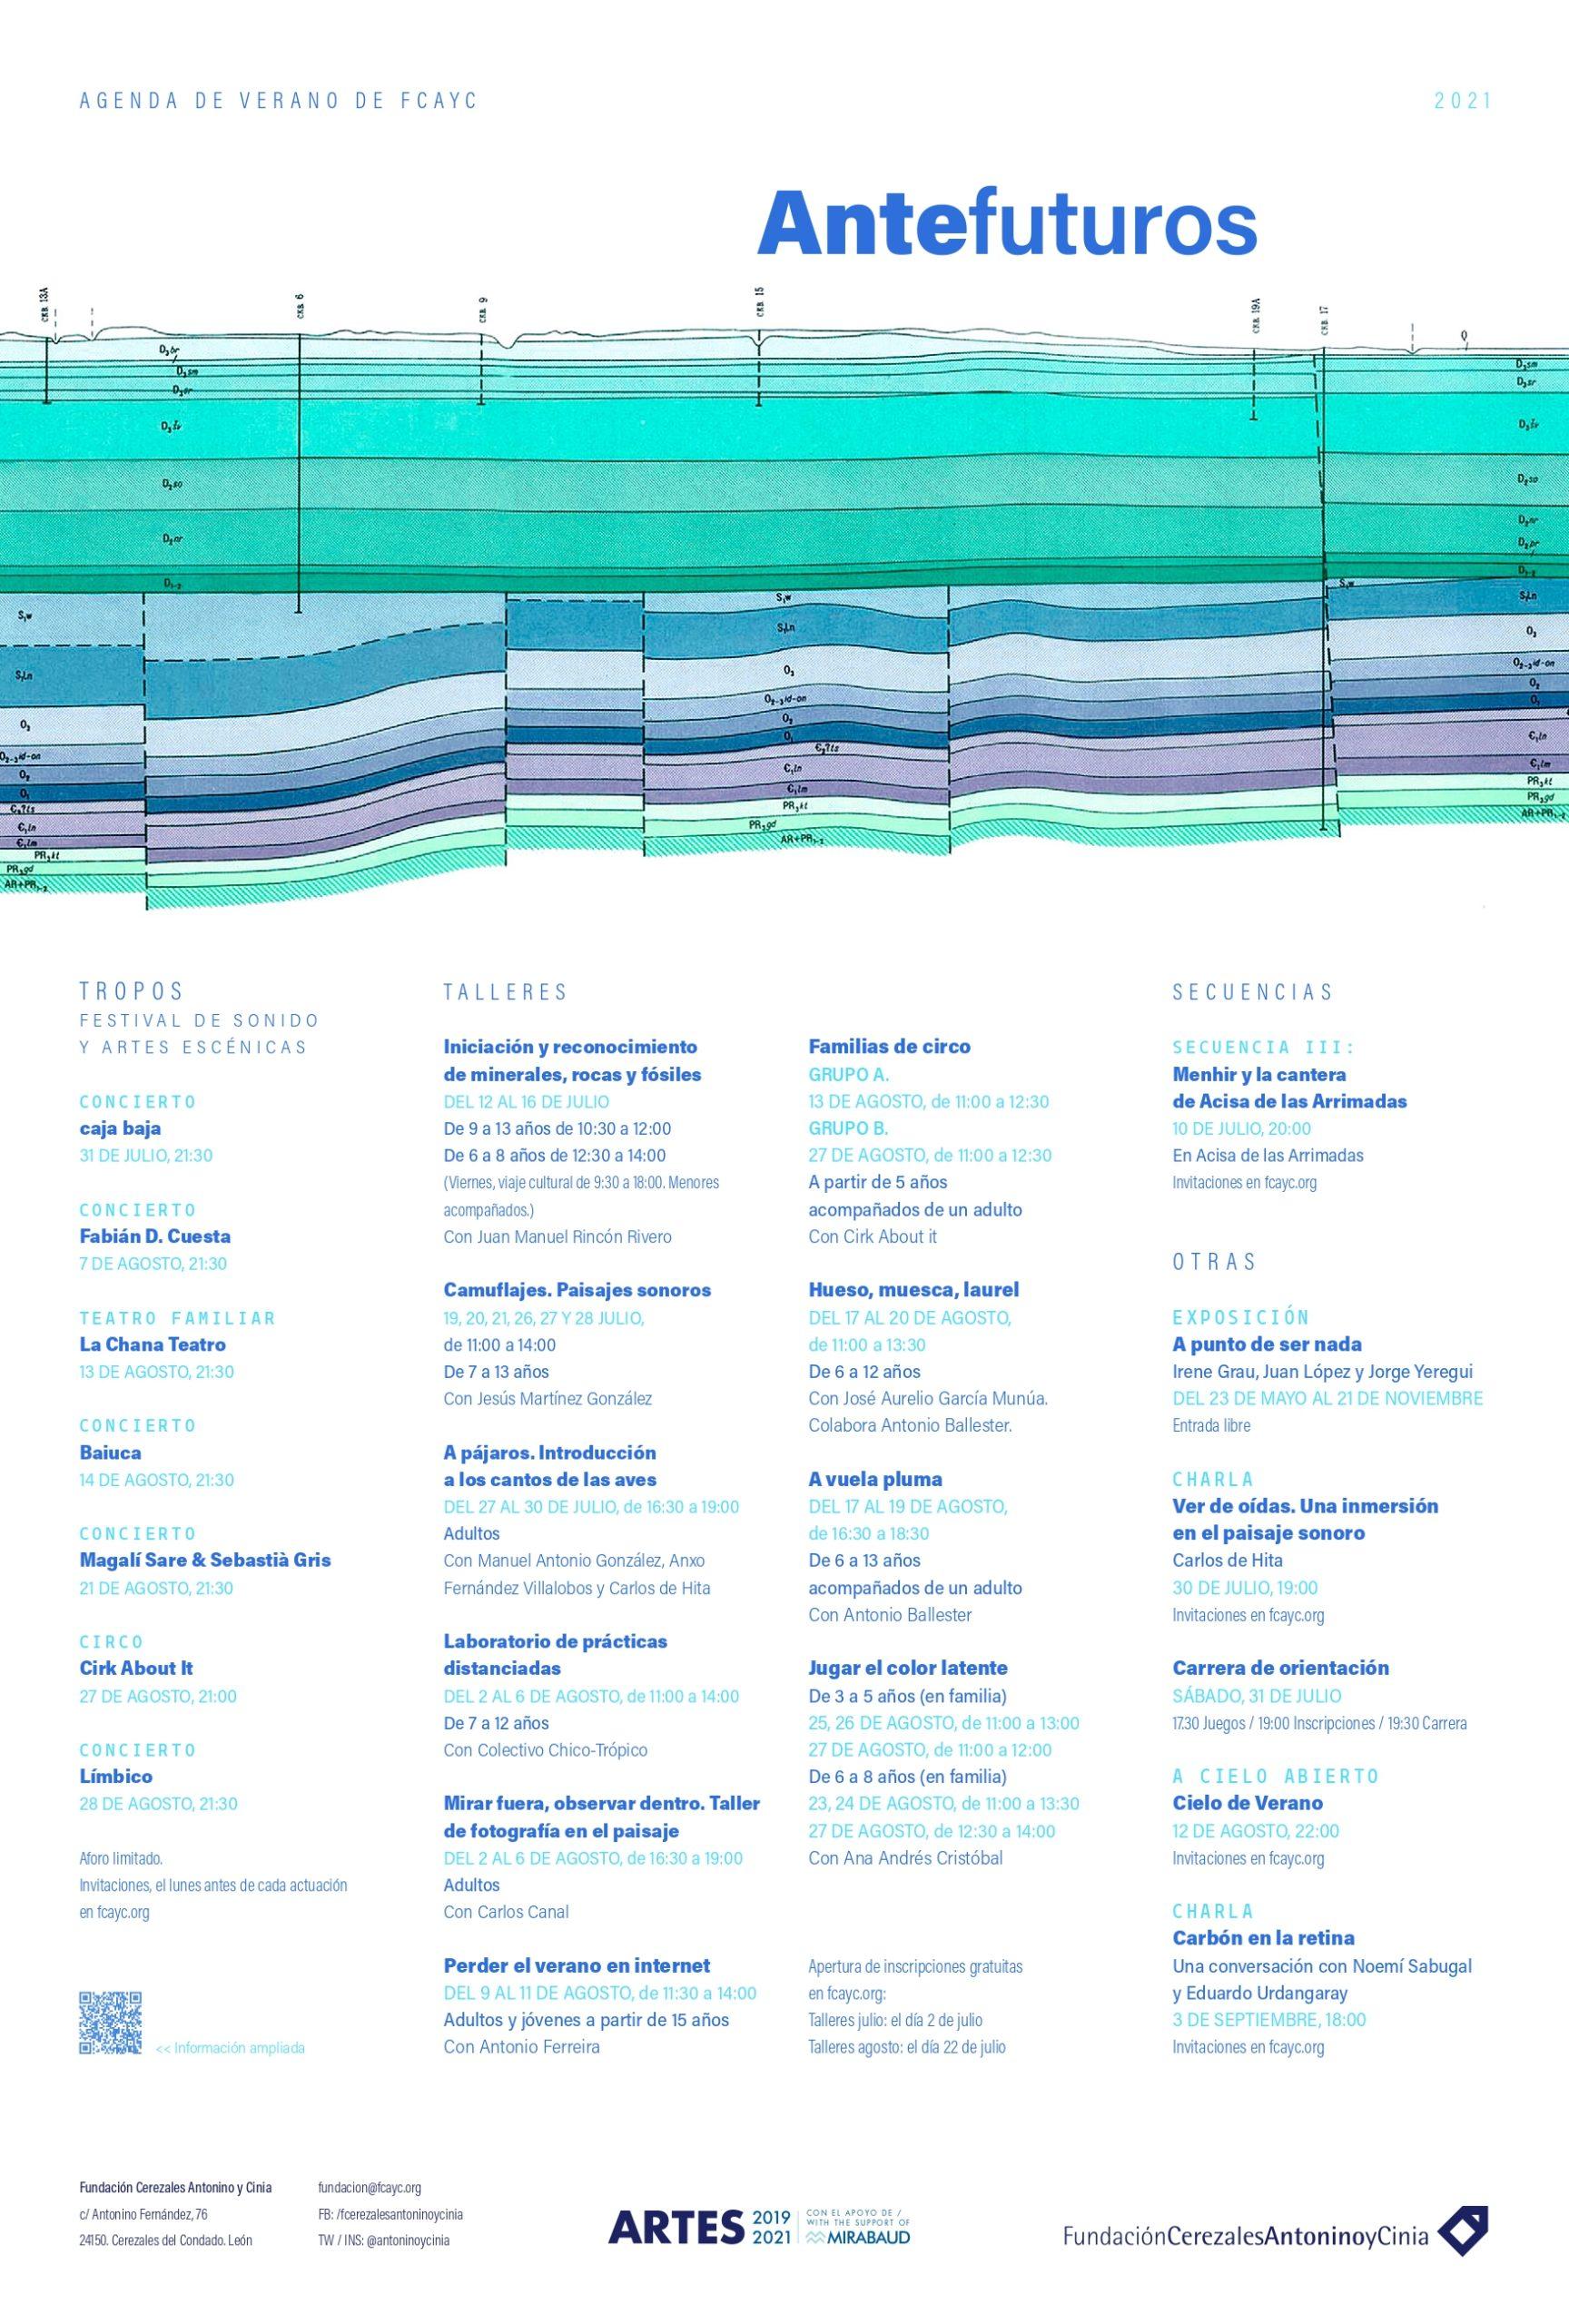 Antefuturos 2021 Agenda de verano de FCAYC